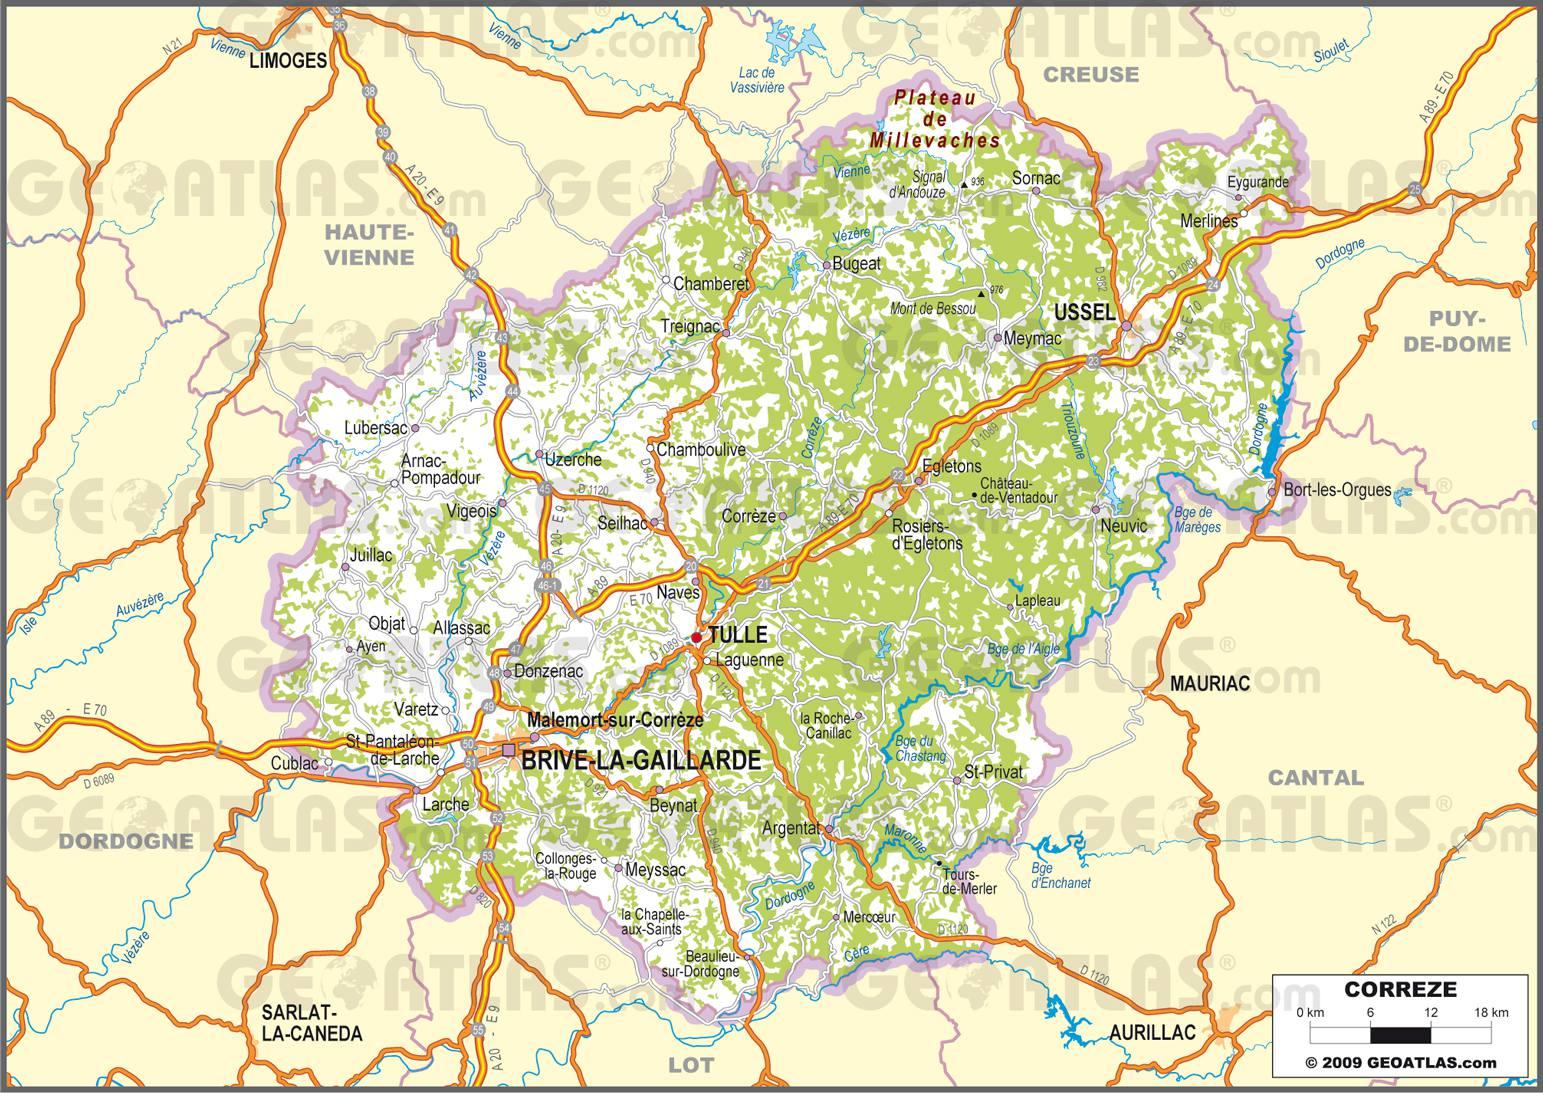 Carte routière de la Corrèze